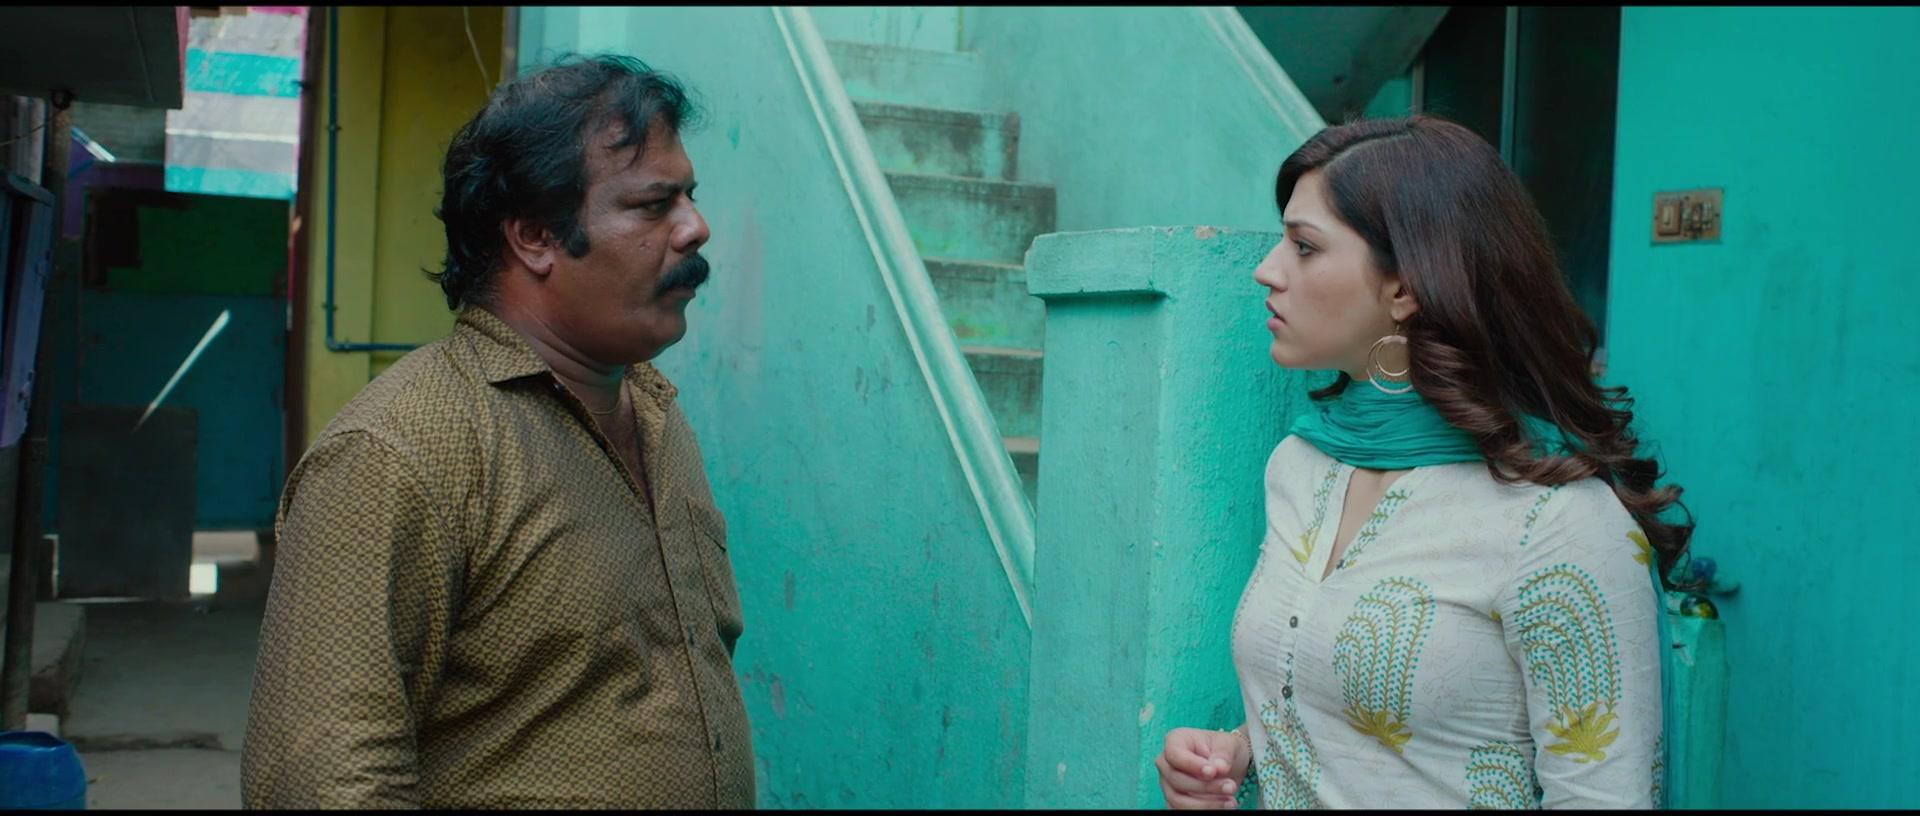 Local Boy (2020) Telugu (Orgl Vers) 1080p WEB-DL AVC DD5 1 ESub-BWT